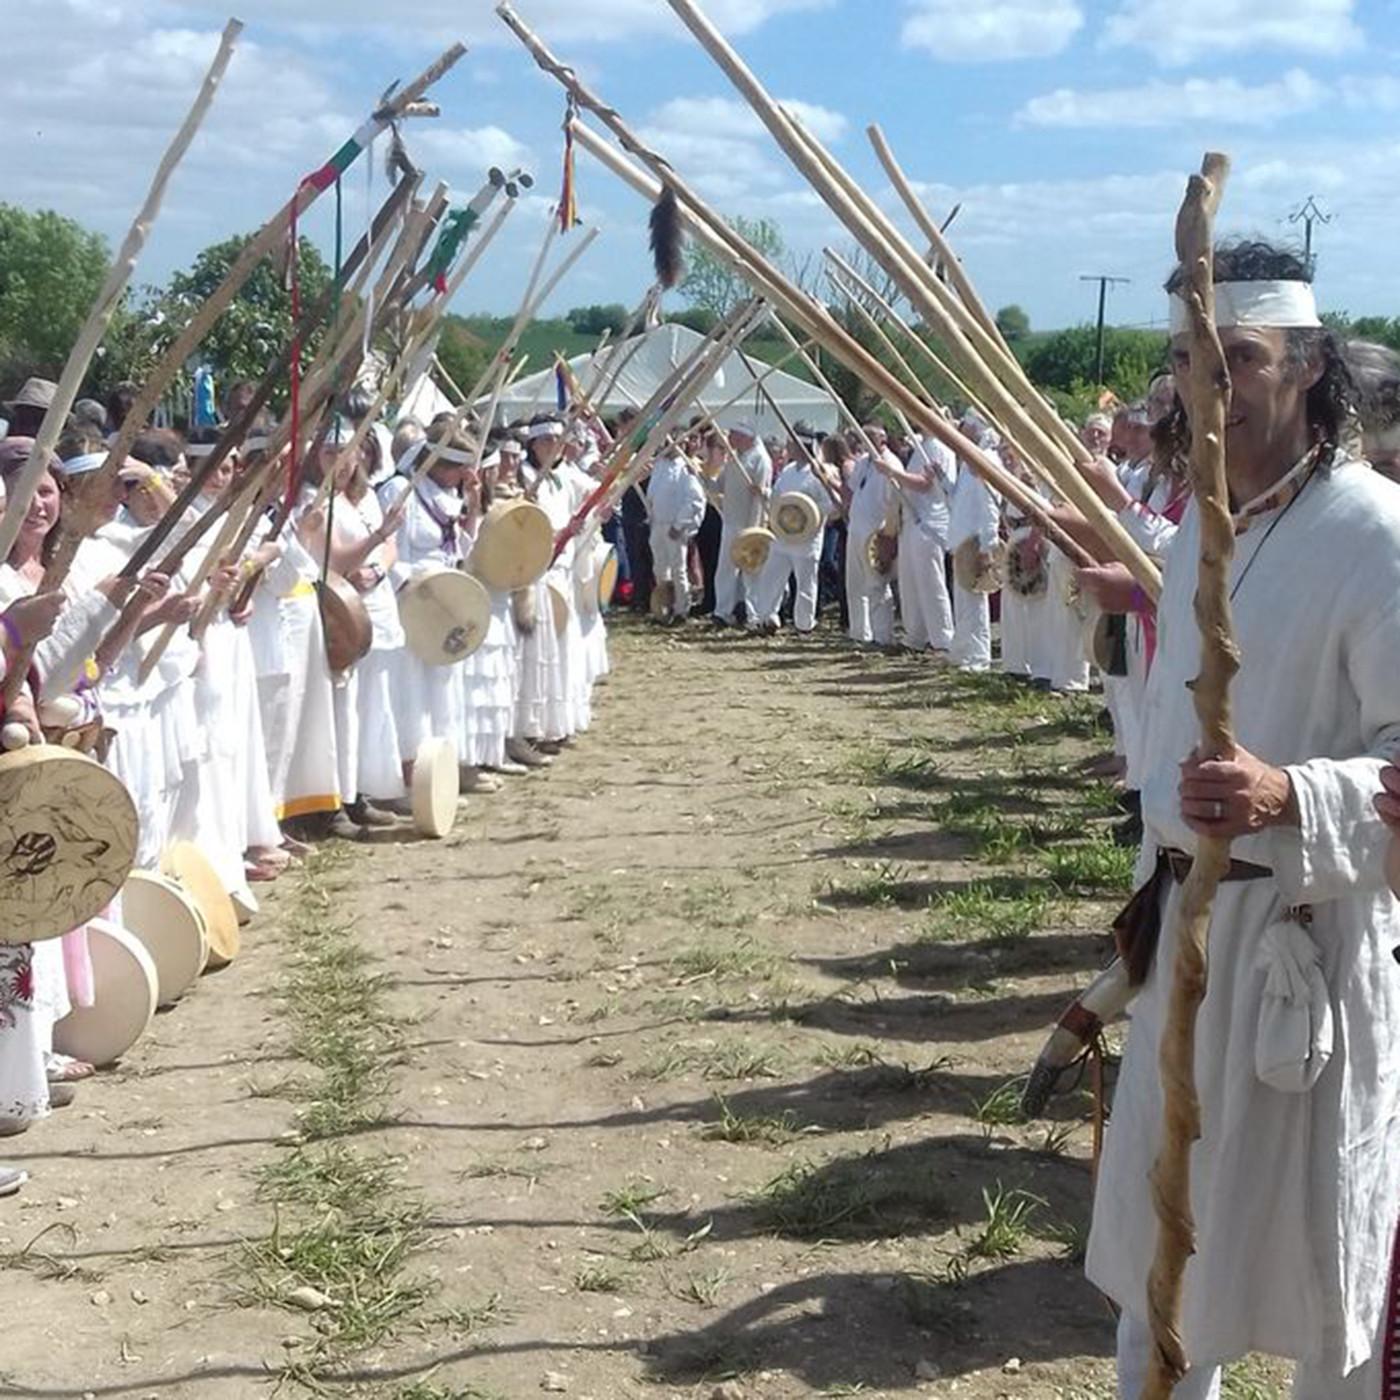 Rencontres au Festival du Chamanisme en France - Herve Estival